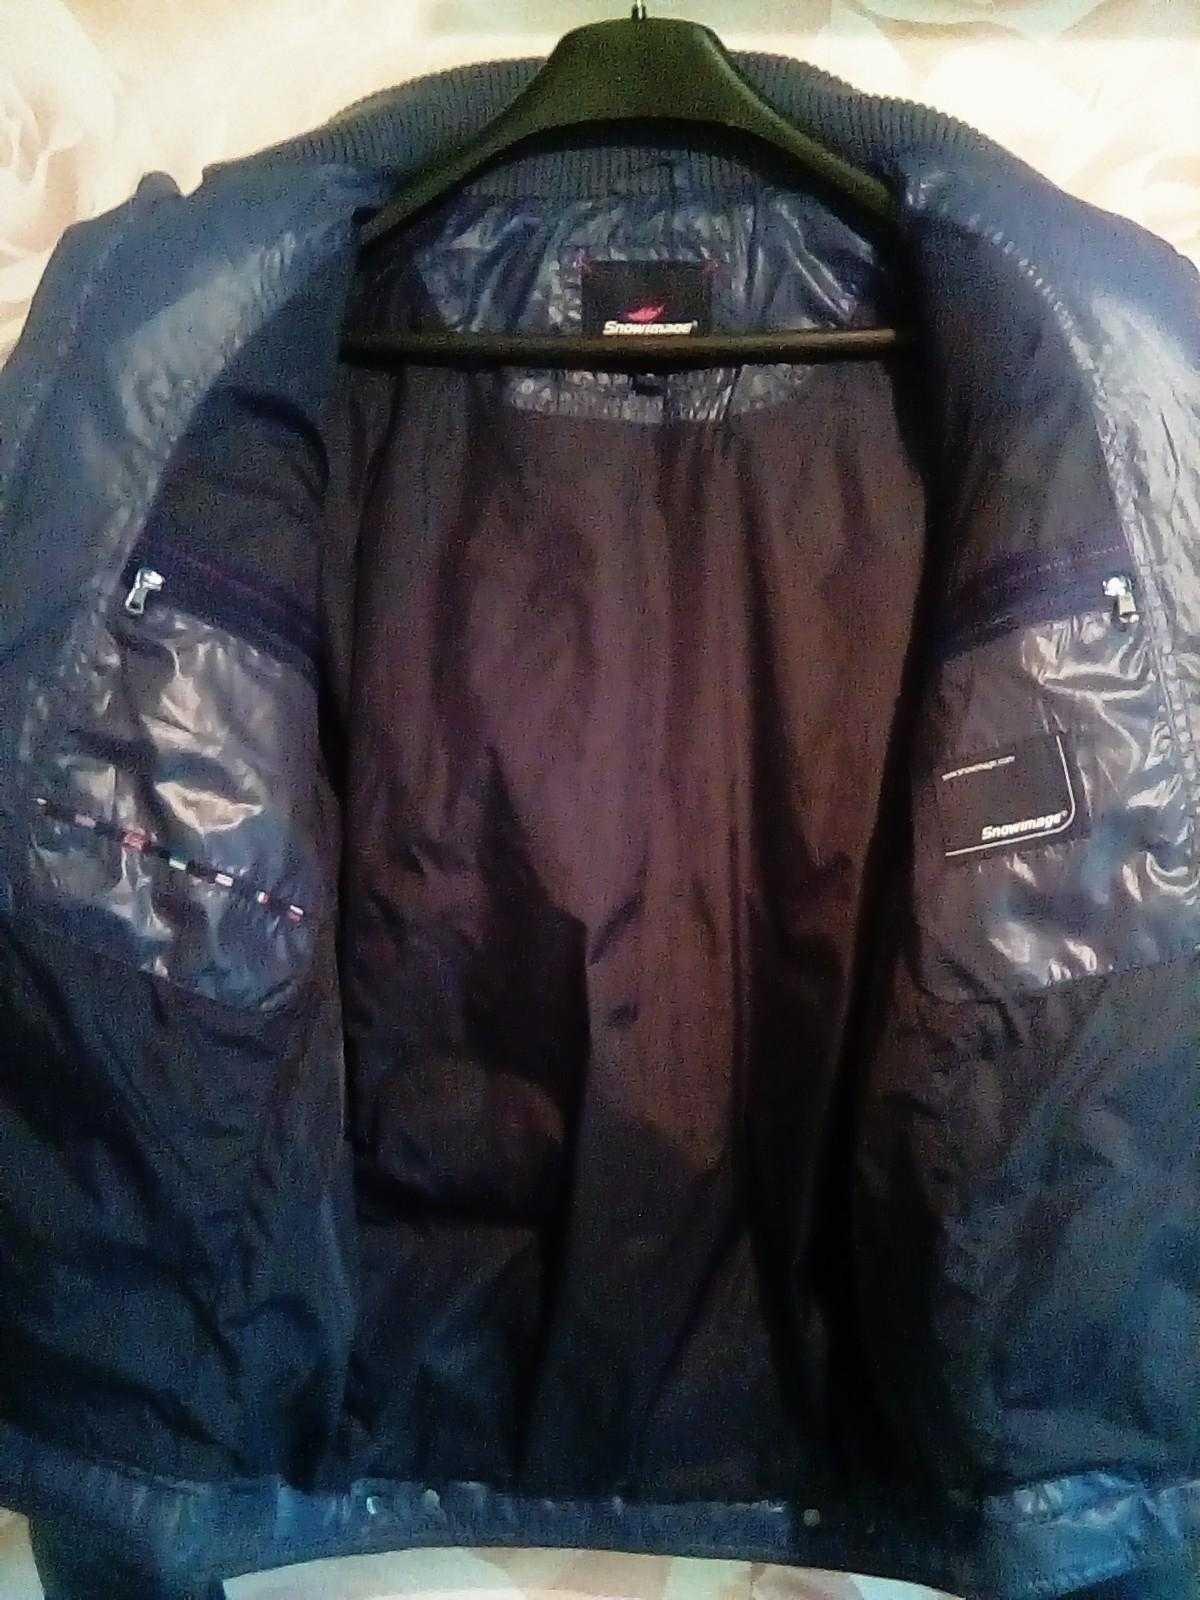 Snowimage Куртка Пуховик, Размер M(48-50) в Балашихе 89017102050 купить 5